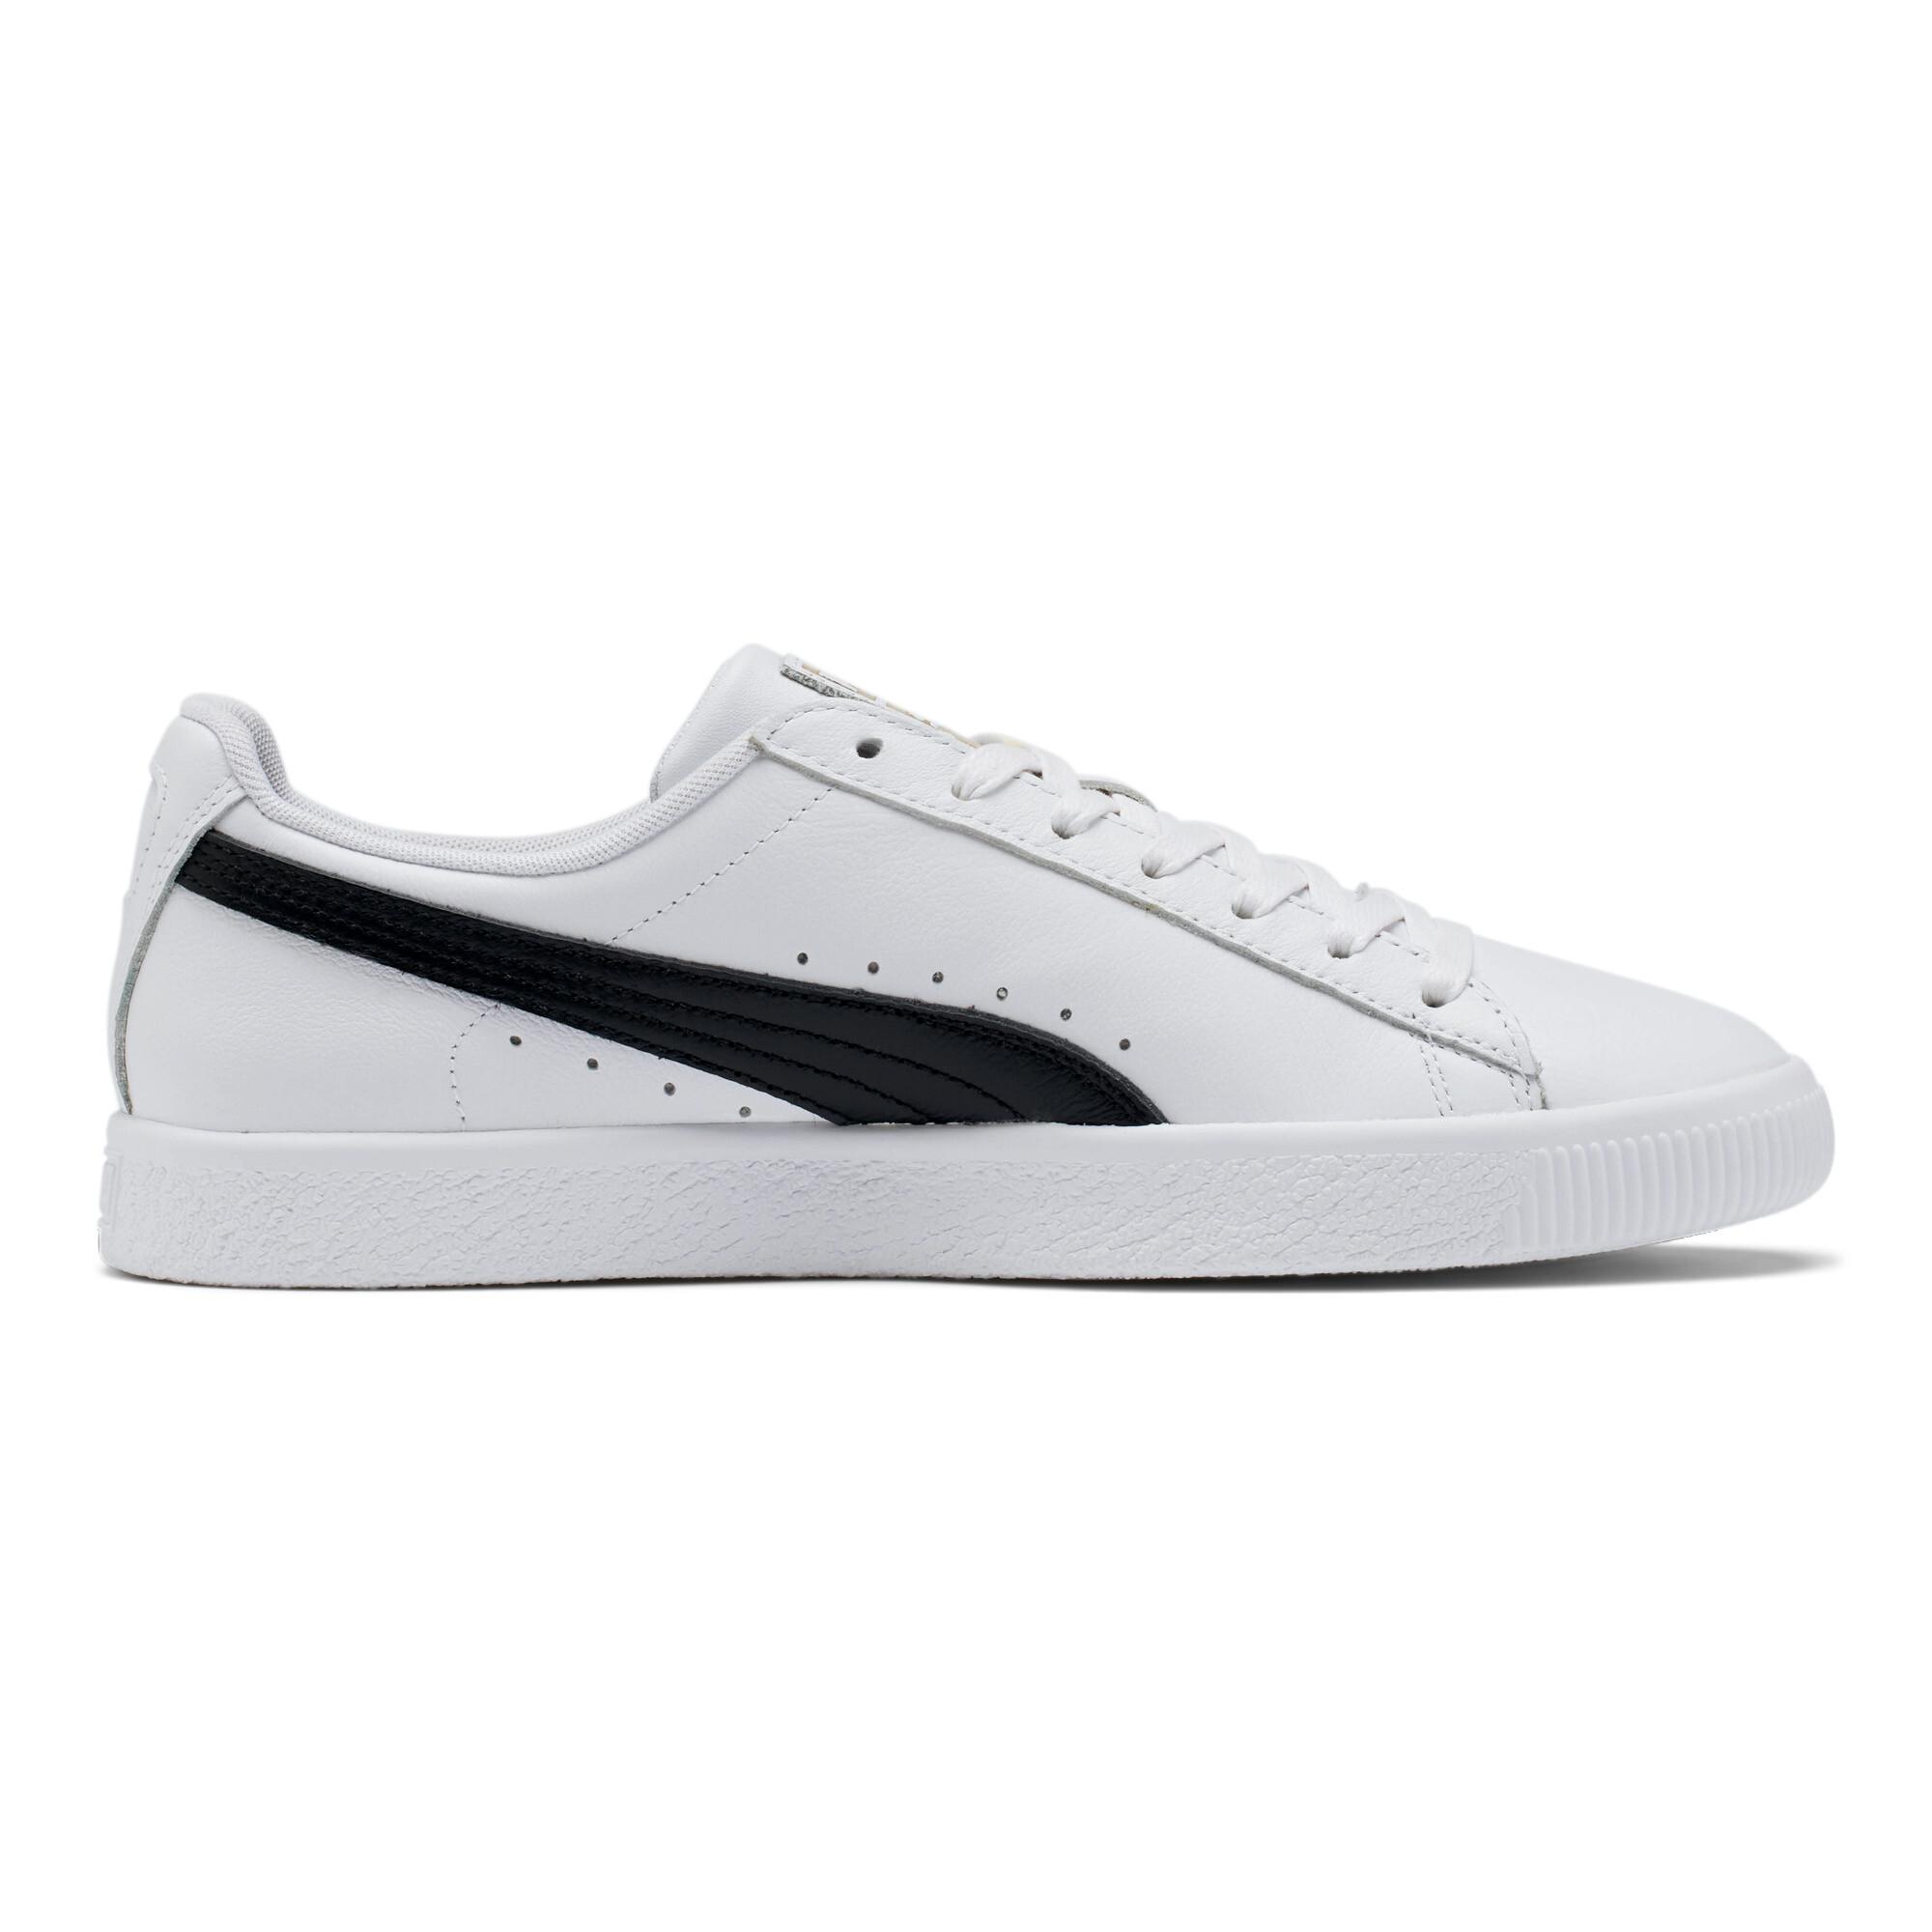 PUMA-Men-039-s-Clyde-Core-Foil-Sneakers thumbnail 16